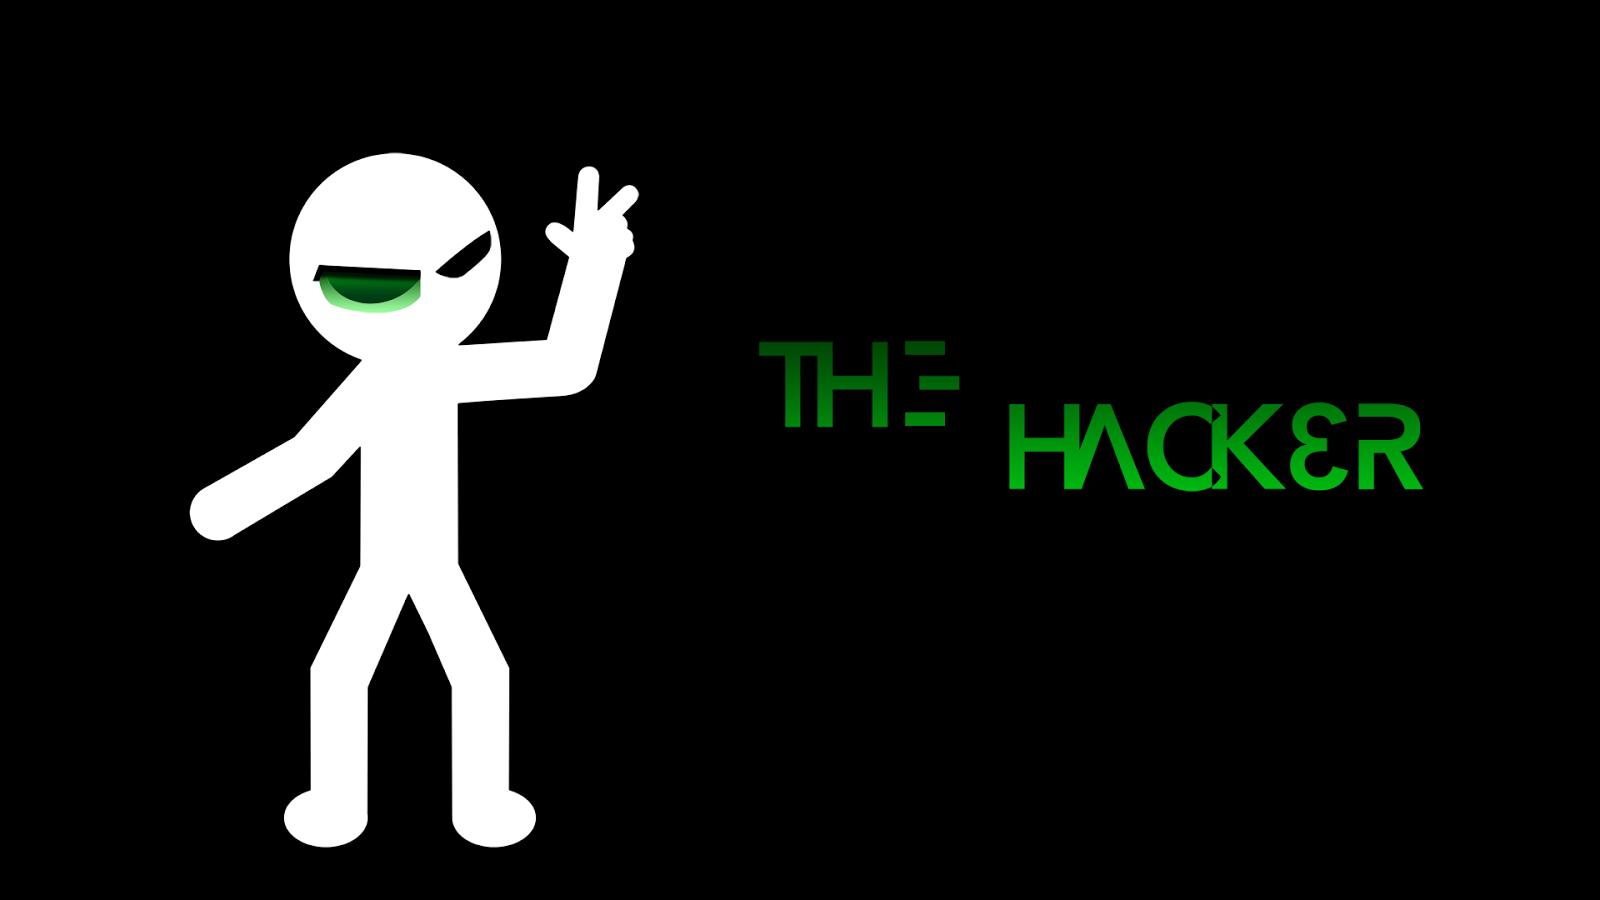 إرشادات الكومبيوتر وحساباتك الانترنت الاختراق The-Hacker-Logo-Wall